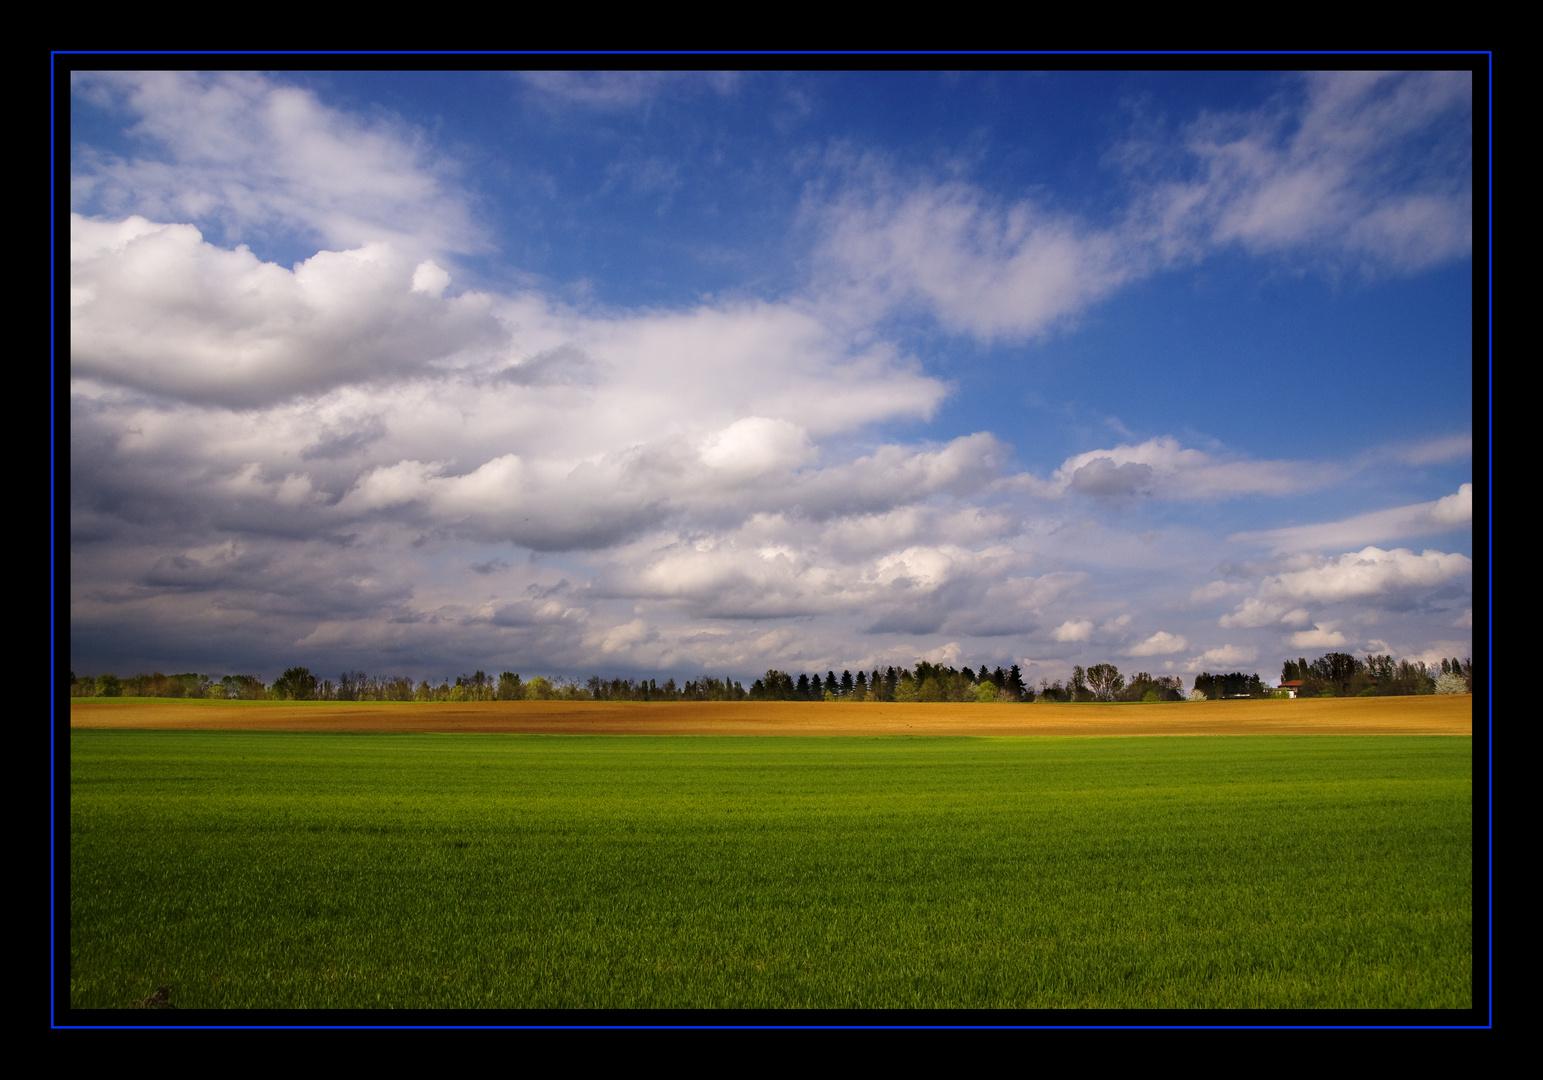 I colori della pianura del piemonte foto immagini - Immagine di lucertola a colori ...